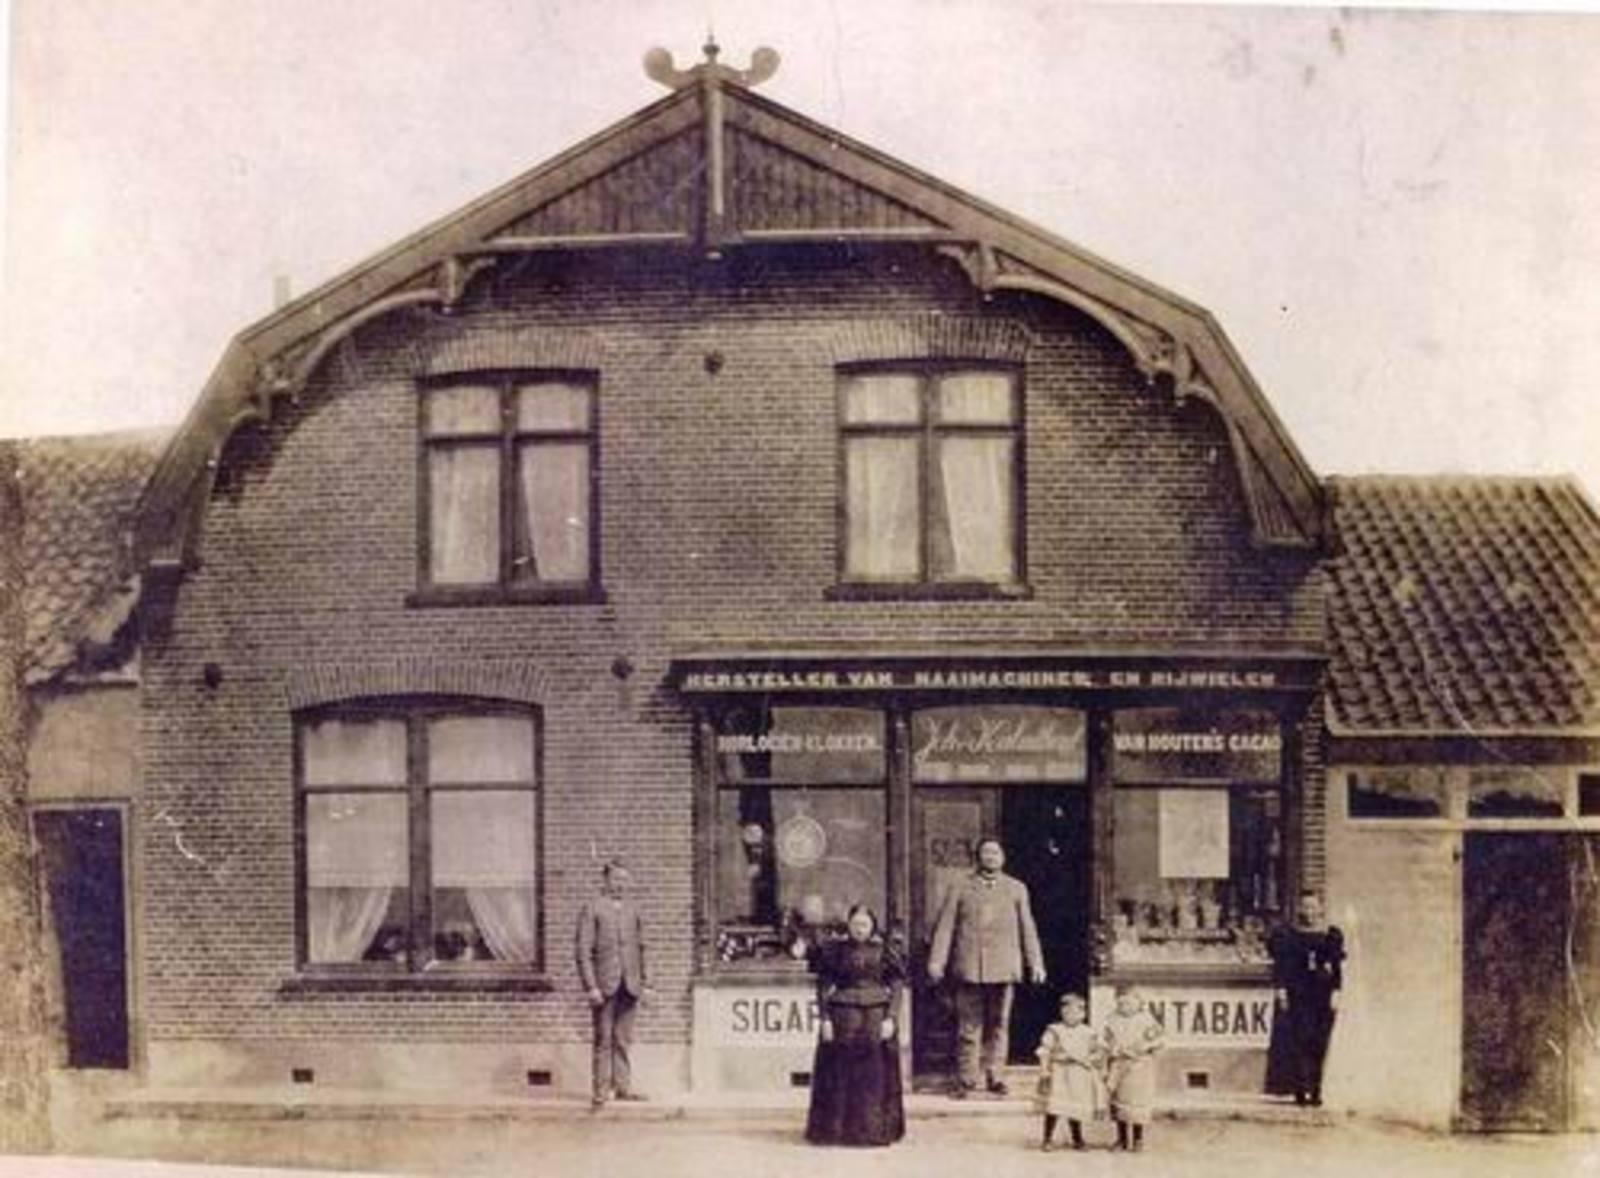 Kruisweg N 1047 1898± Winkel Joh v Kalmthout